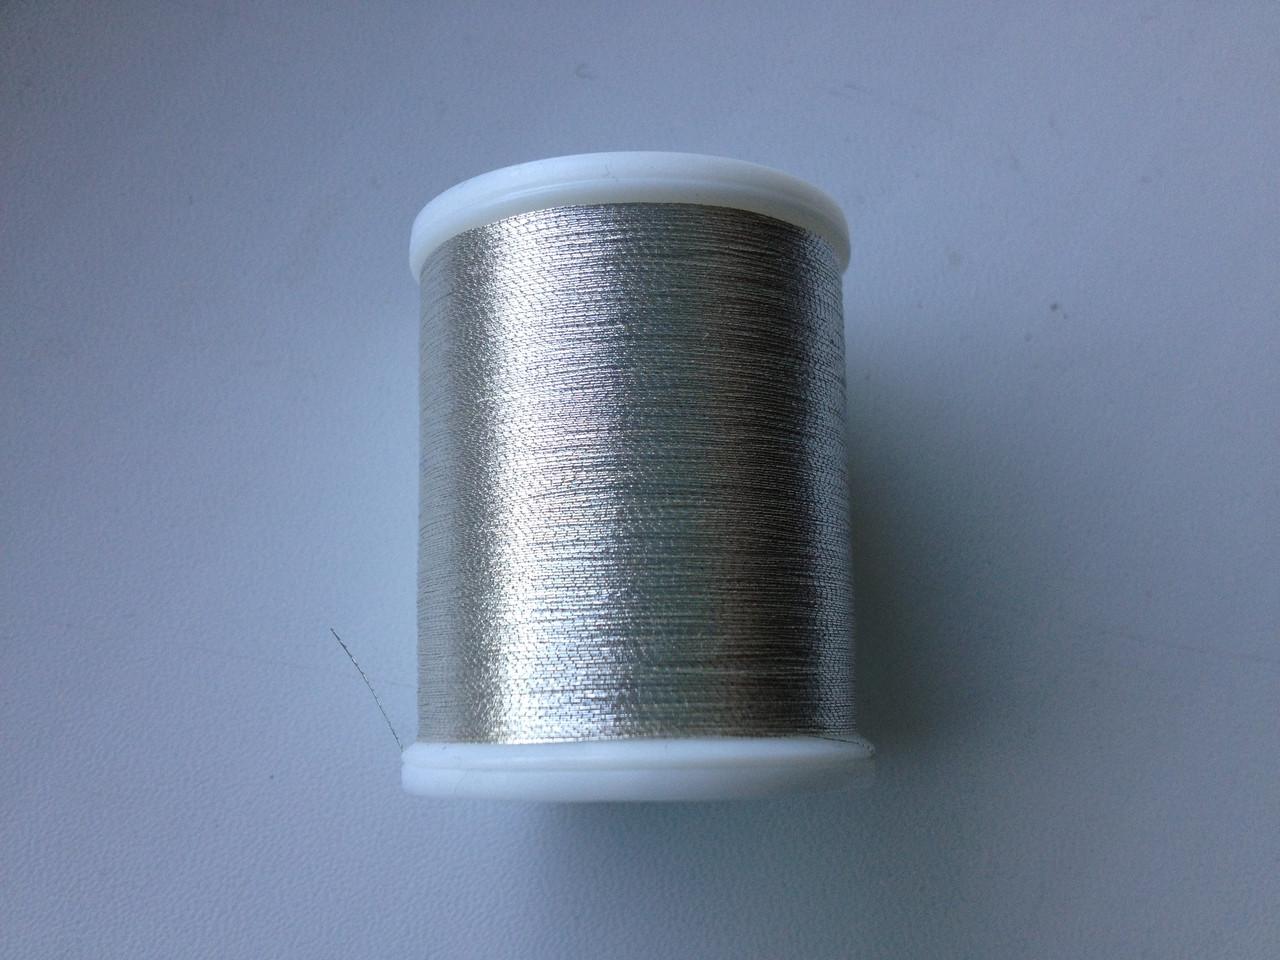 Нитки для машинной вышивки   Madeira Metallic  №40.  цвет 4010 ( СЕРЕБРО ).  1000 м